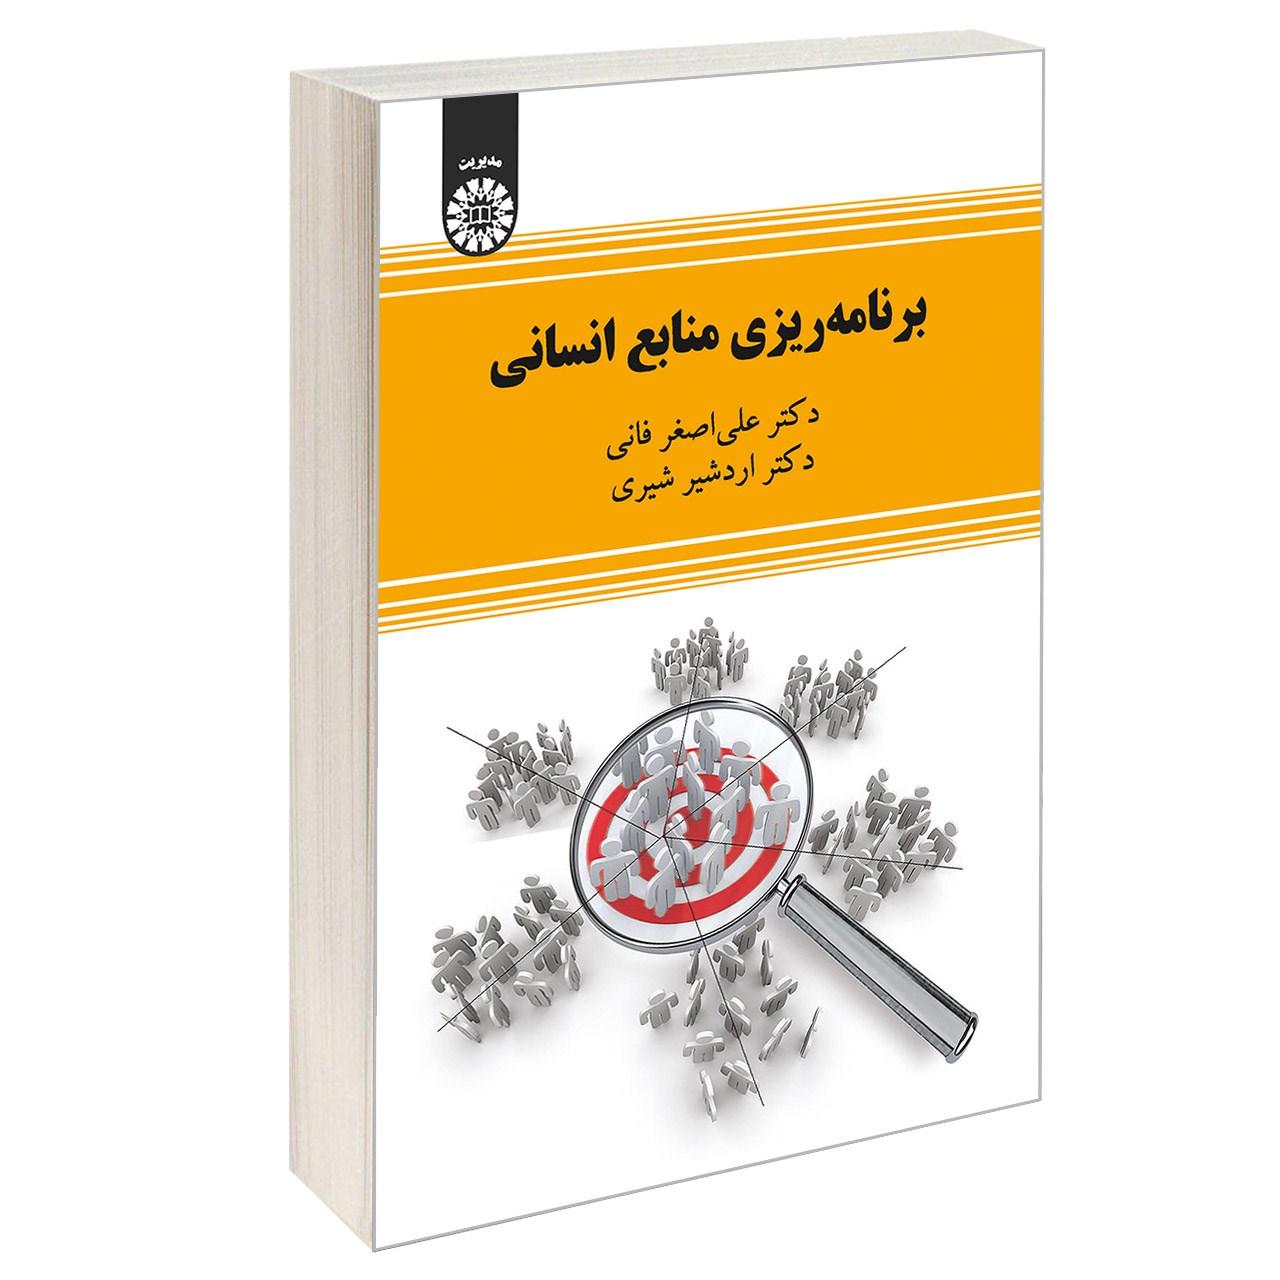 خرید                      کتاب برنامه ریزی منابع انسانی اثر دکتر علی اصغر فانی و دکتر اردشیر شیری نشر سمت